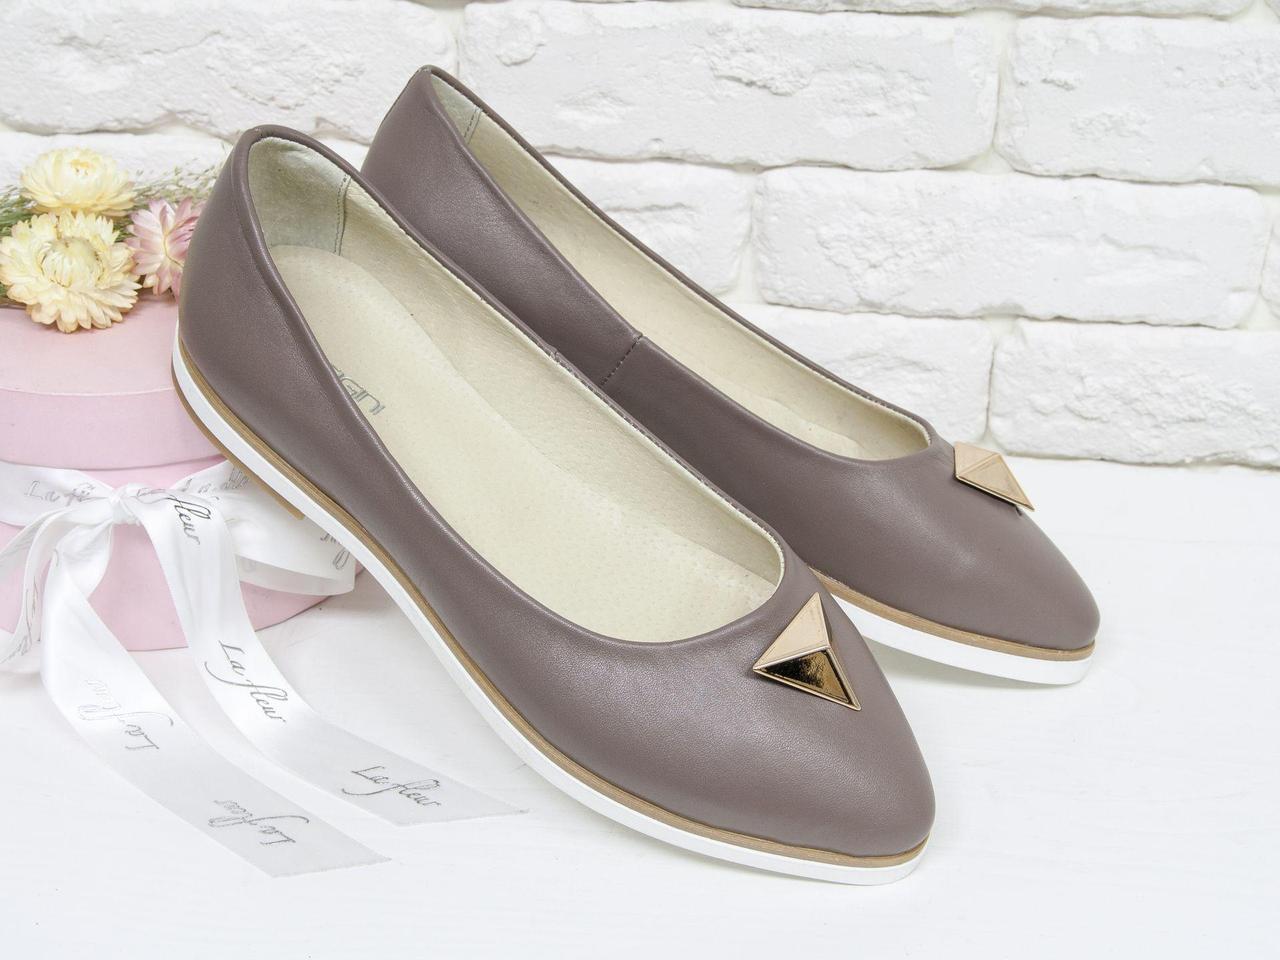 Туфли-балетки из натуральной кожи бежевого цвета с золотой фурнитурой, на белой прорезиненной подошве, Т-413